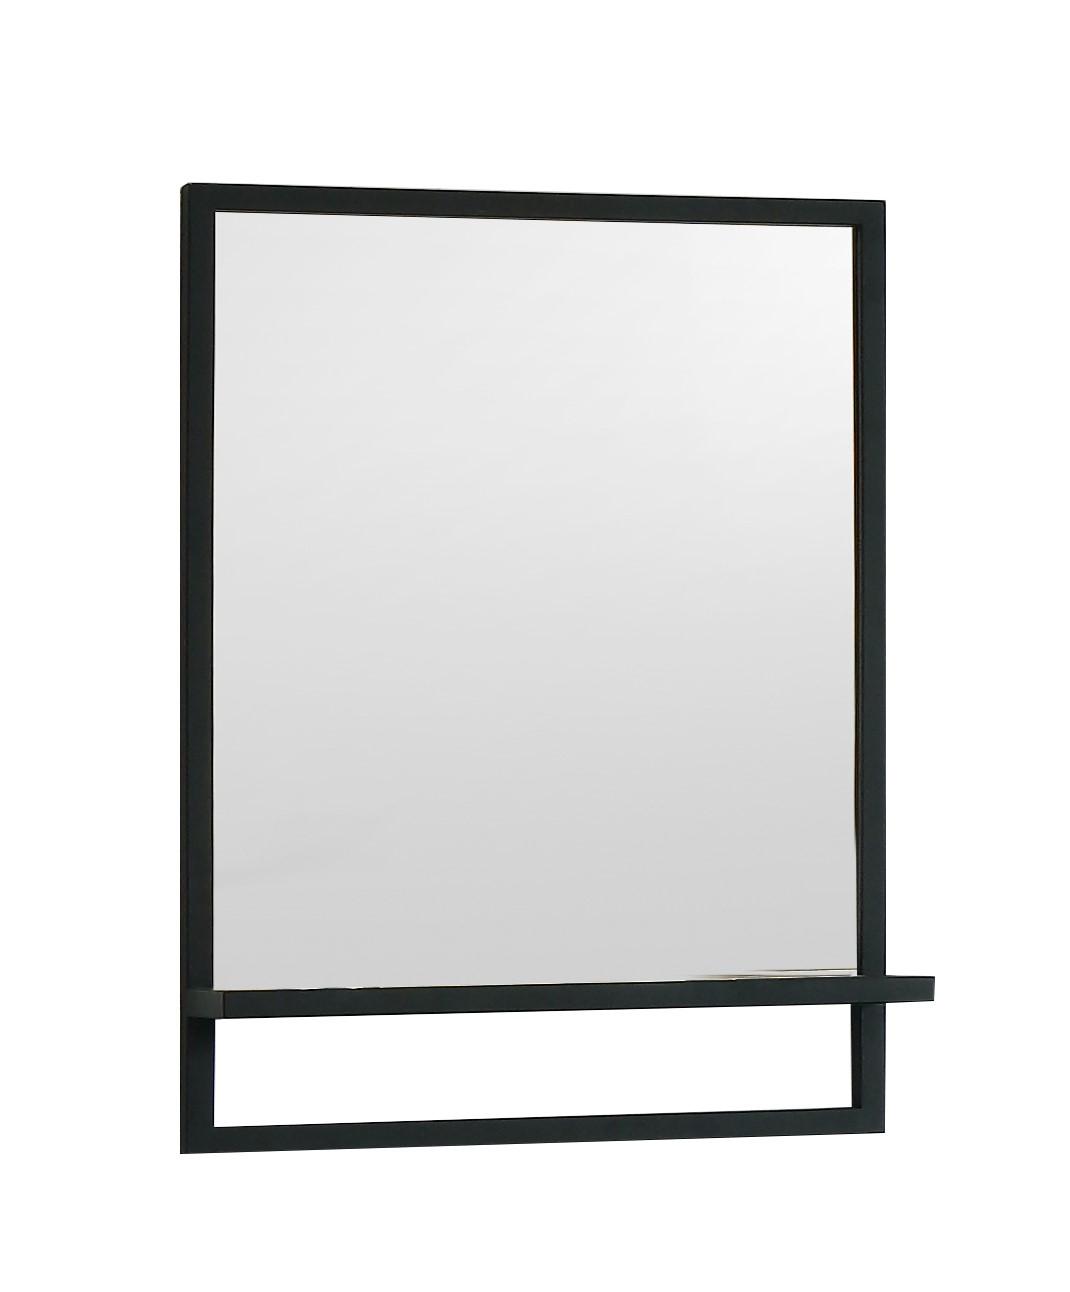 SCHADEMODEL: B-Stone Metal zwarte spiegel met planchet 60x70cm